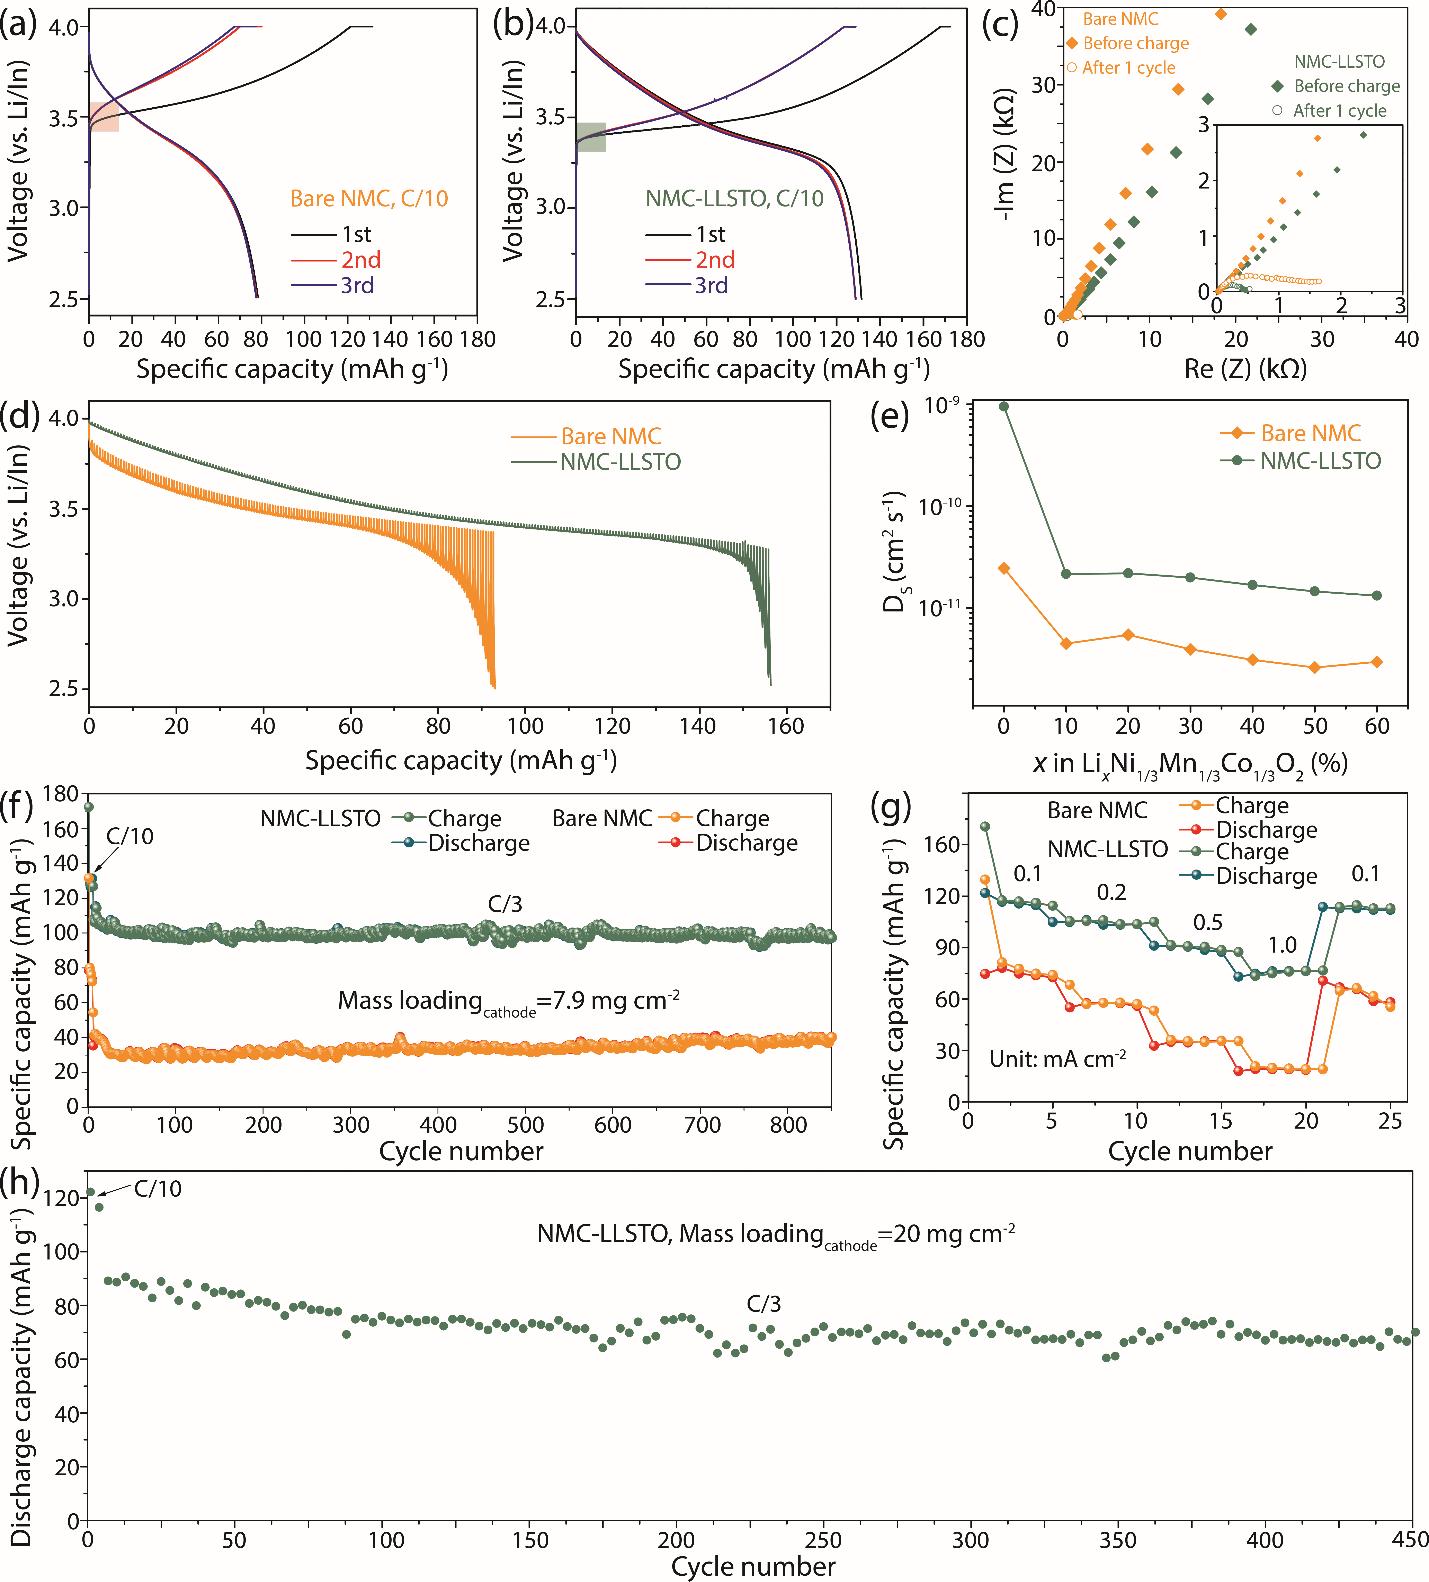 祝红丽&王岩&莫一非Nano Letters: 硫化物固态电解质与高压三元正极界面稳定性研究